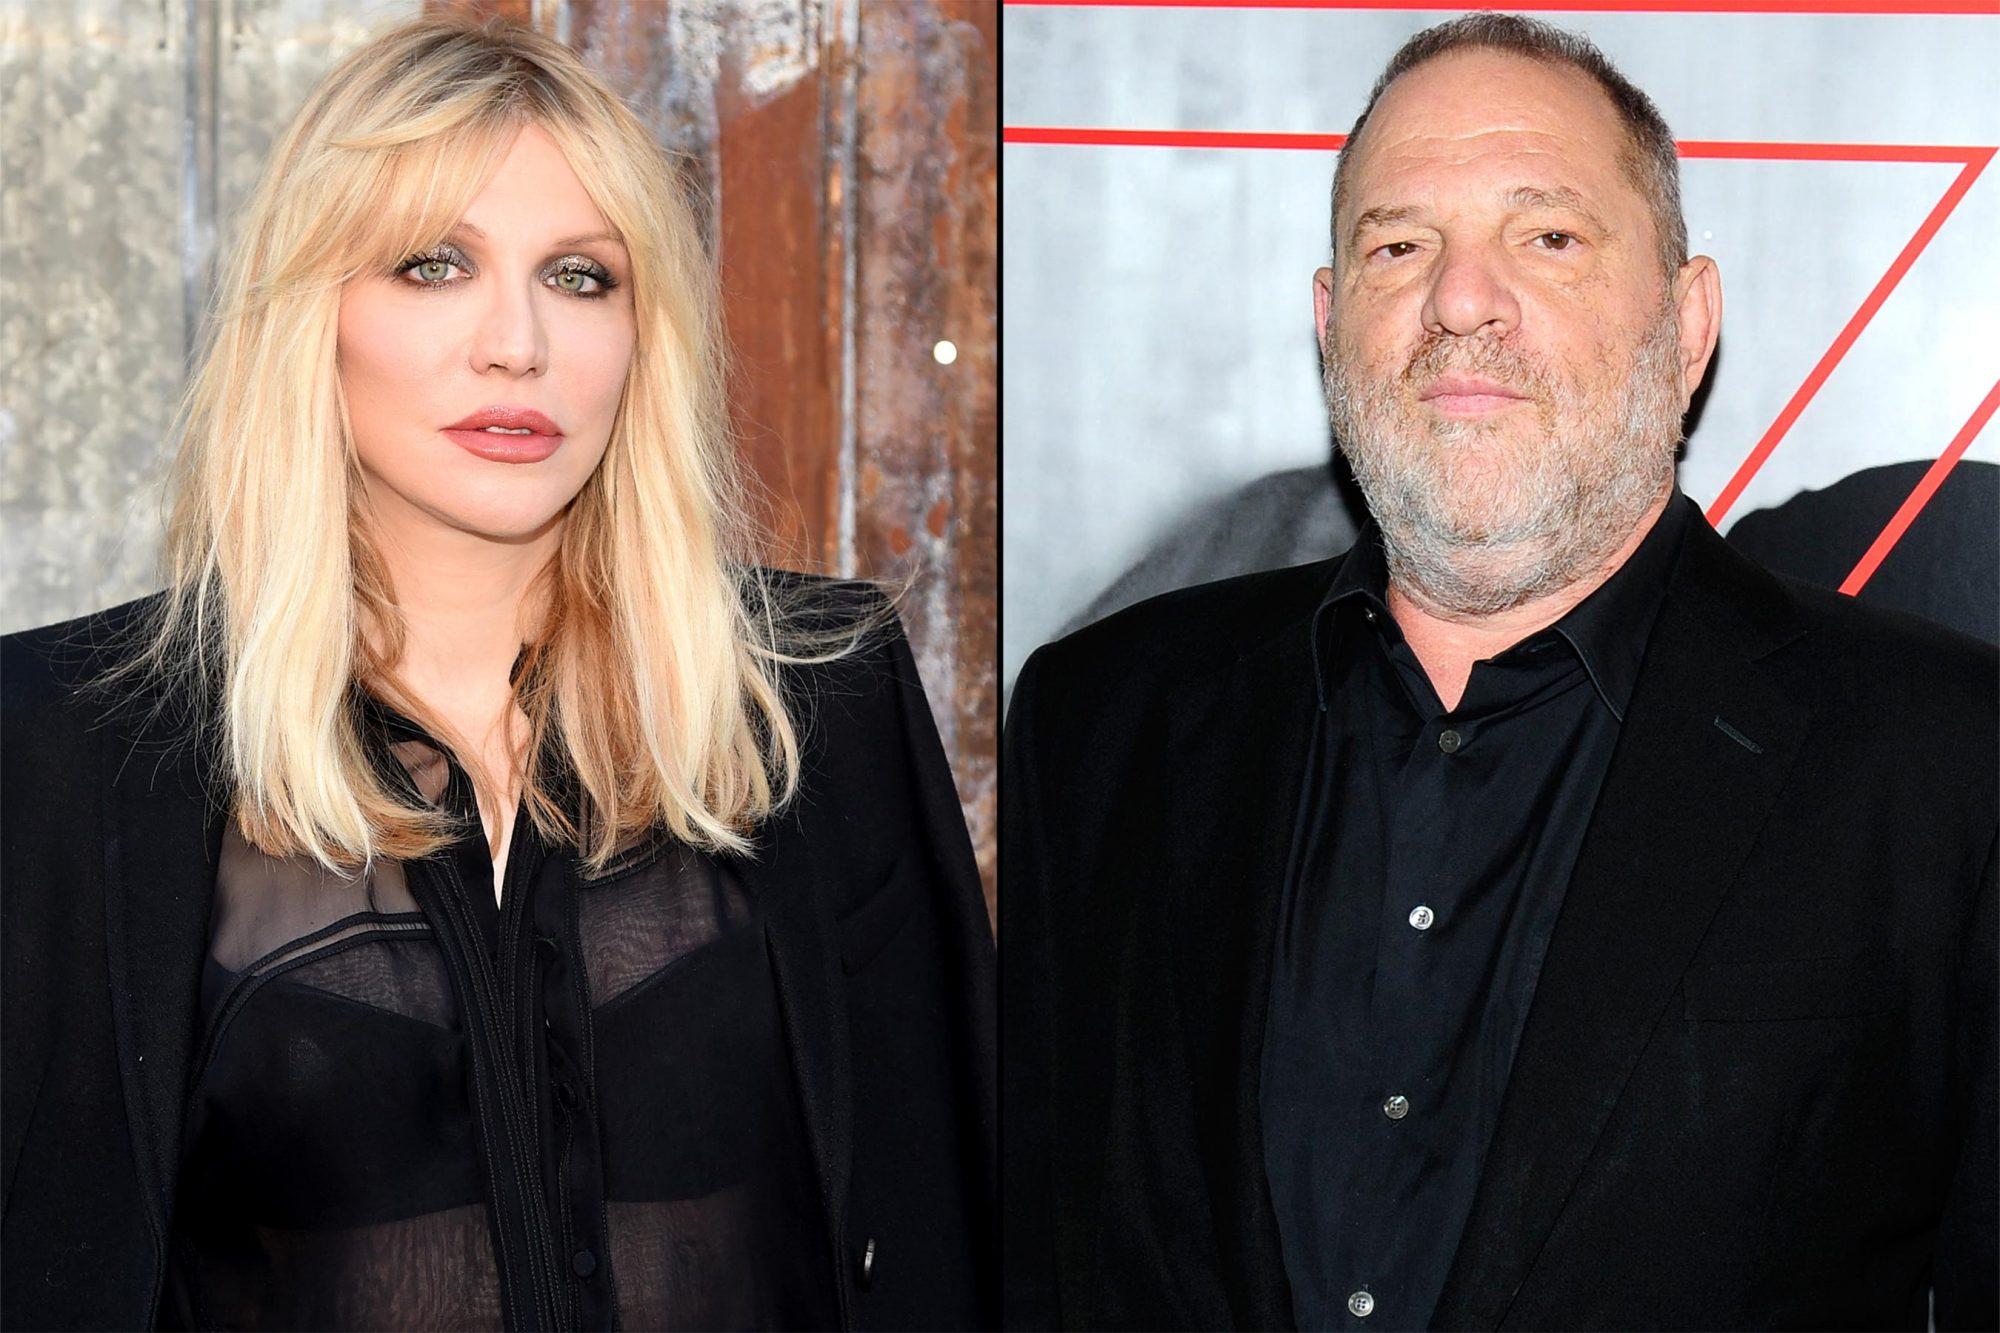 Courtney-Love-Harvey-Weinstein